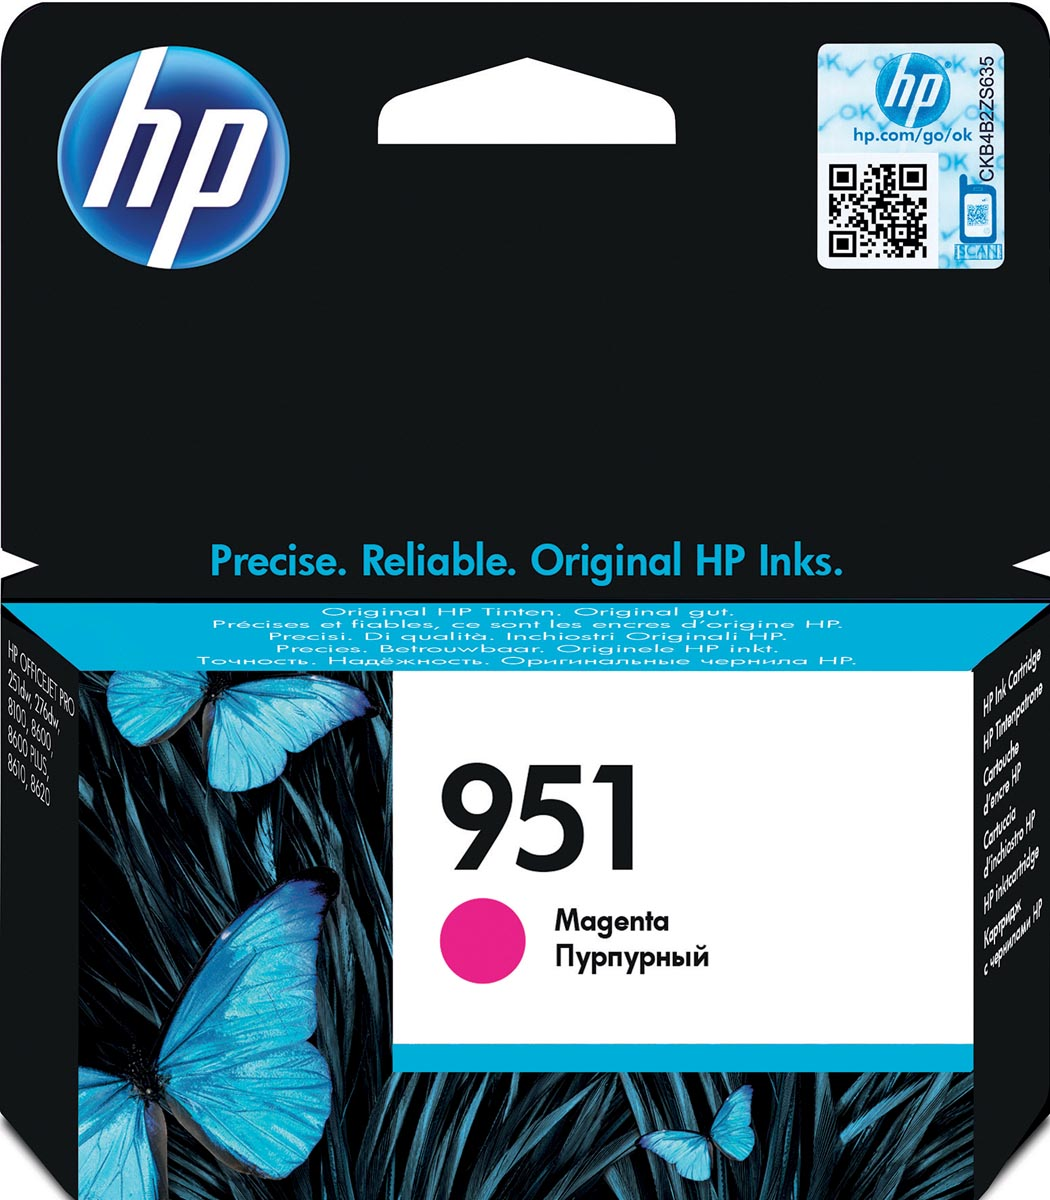 HP inktcartridge 951, 700 paginas, OEM CN051AE, magenta